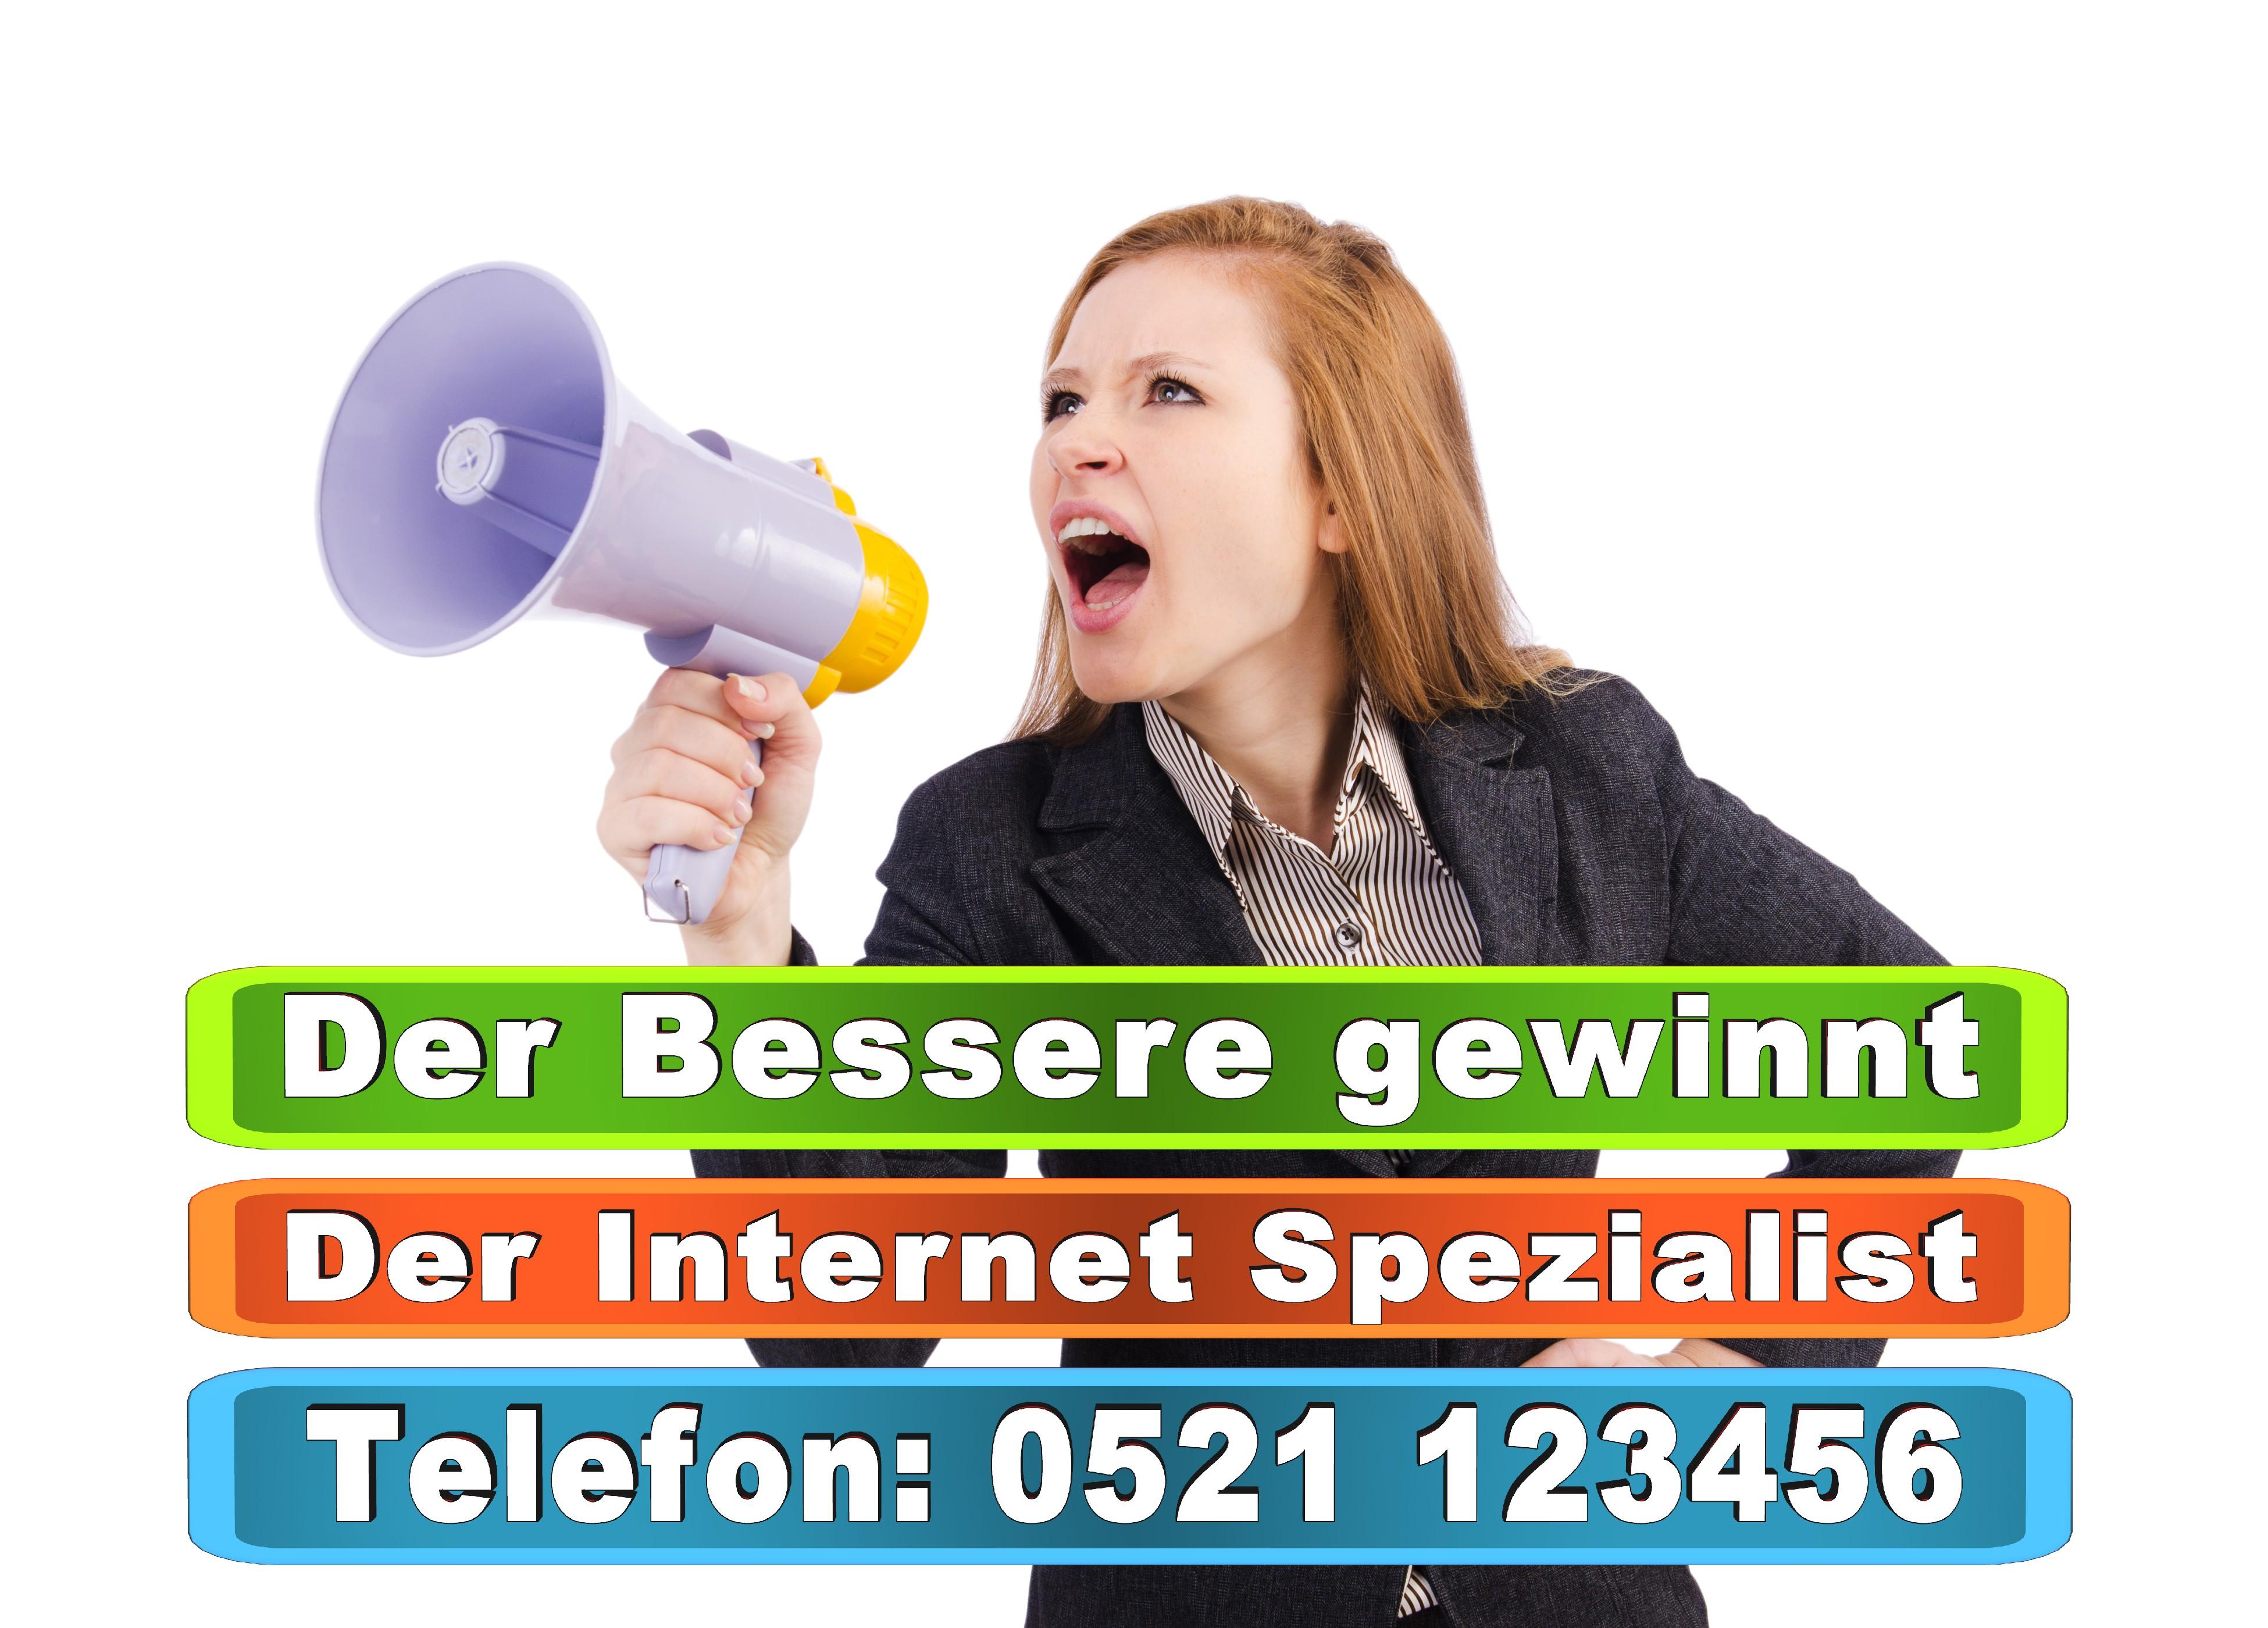 Bielefeld Werbung Werbeanzeigen Zeitungen Bielefeld OWL NRW Demonstrationen Polizei Bielefeld Kleinanzeigen Bielefeld Berlin Hamburg Köln (1)